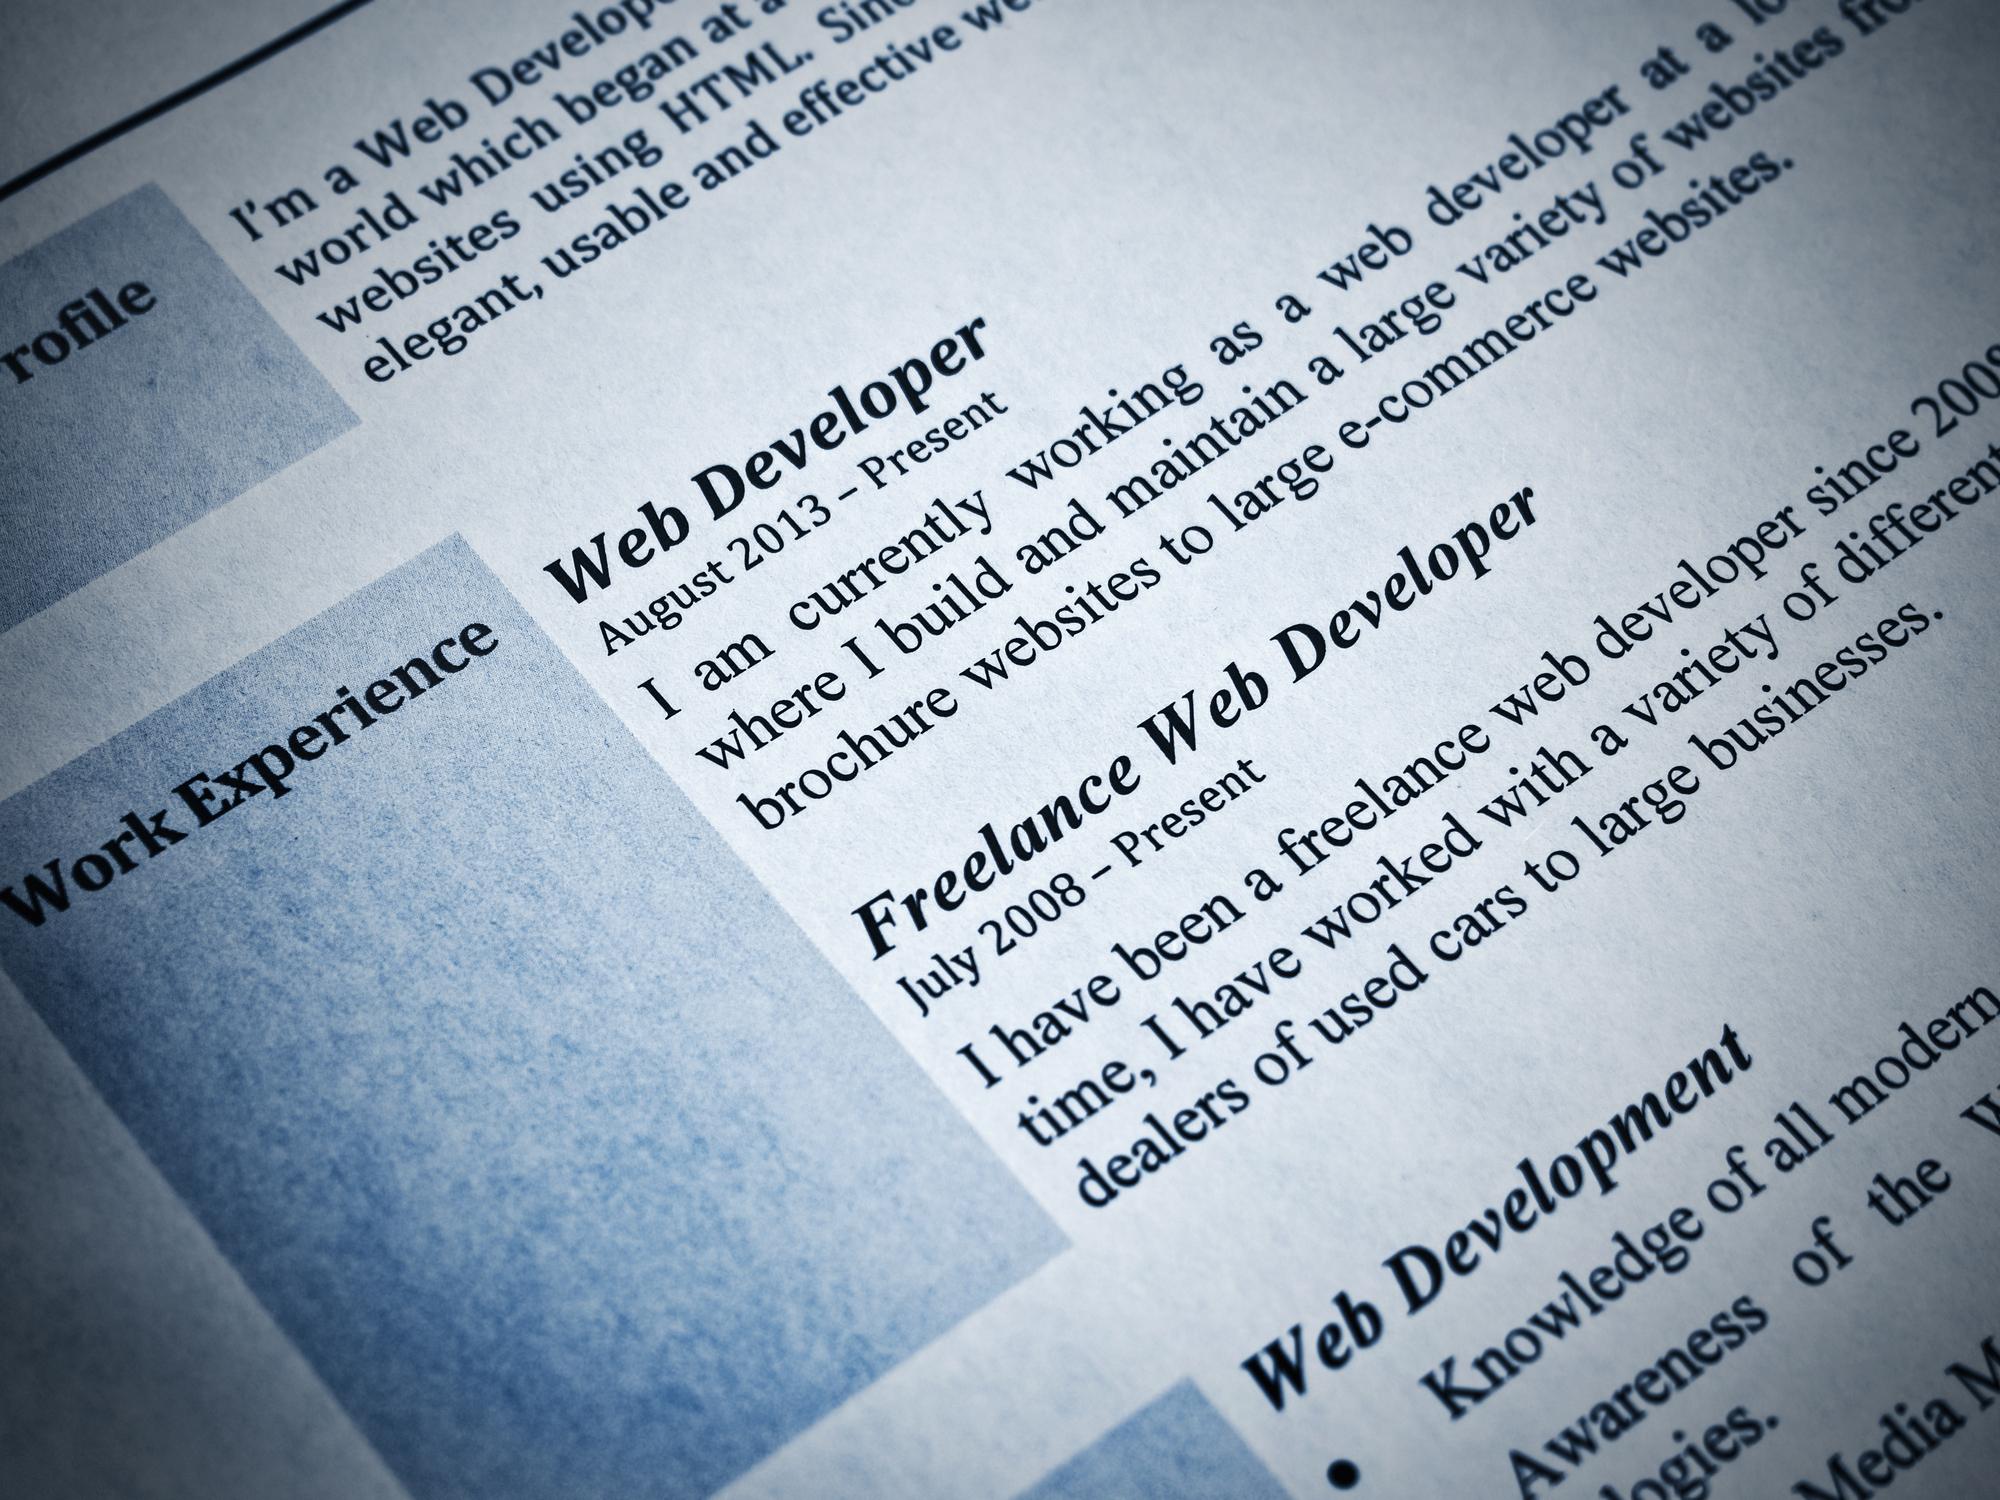 Resume Example for Web Developer